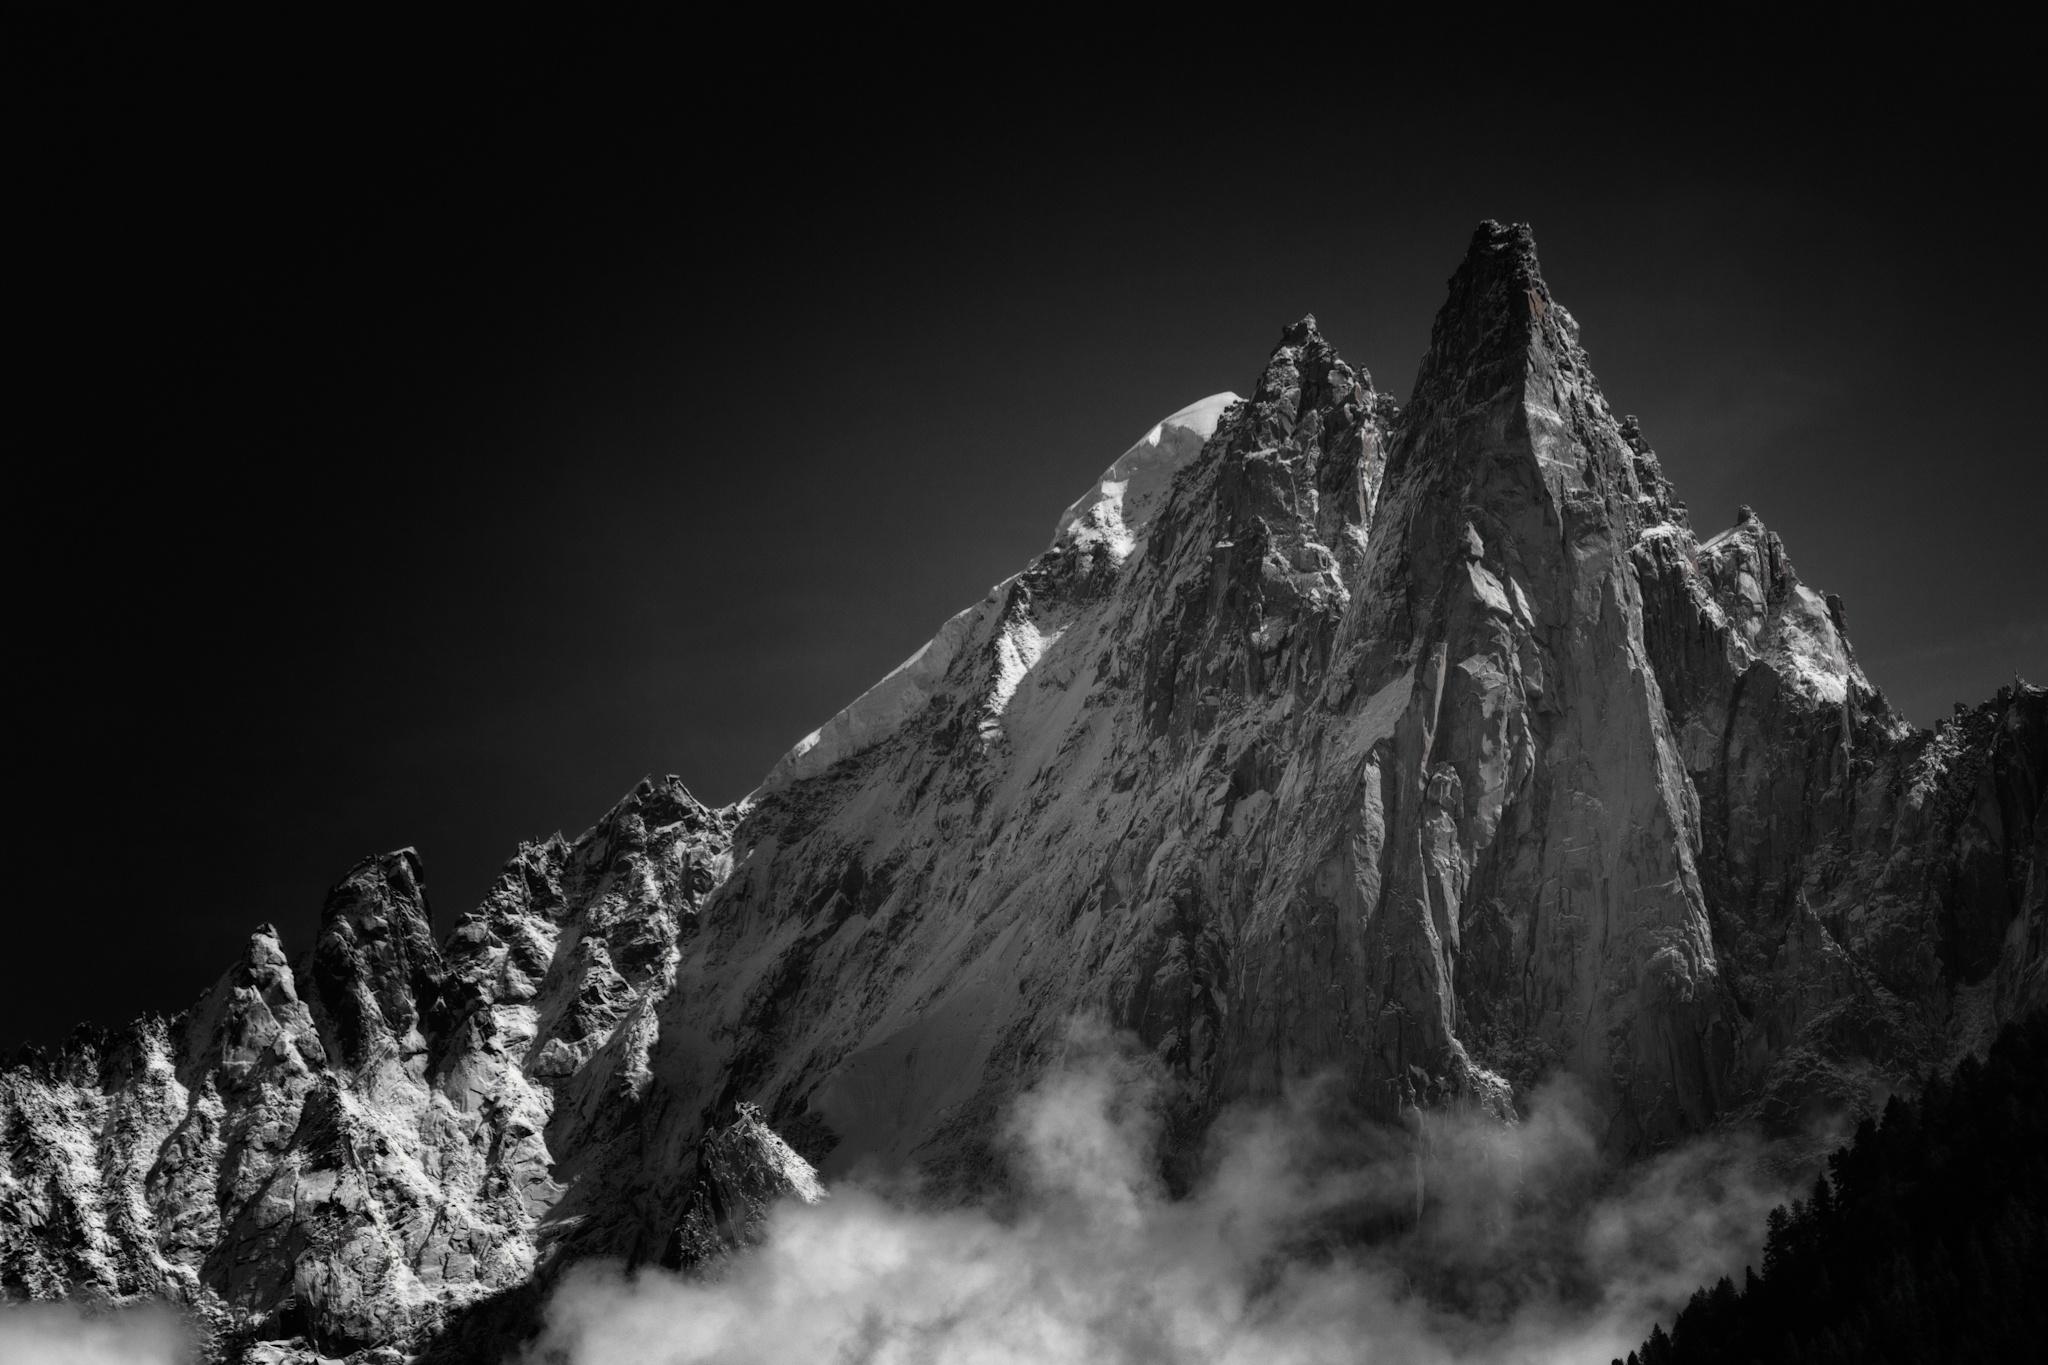 Les Drus y Aiguille Verte, Chamonix - Otras montañas - Fotos del Valle del Aragón, Mikel Besga